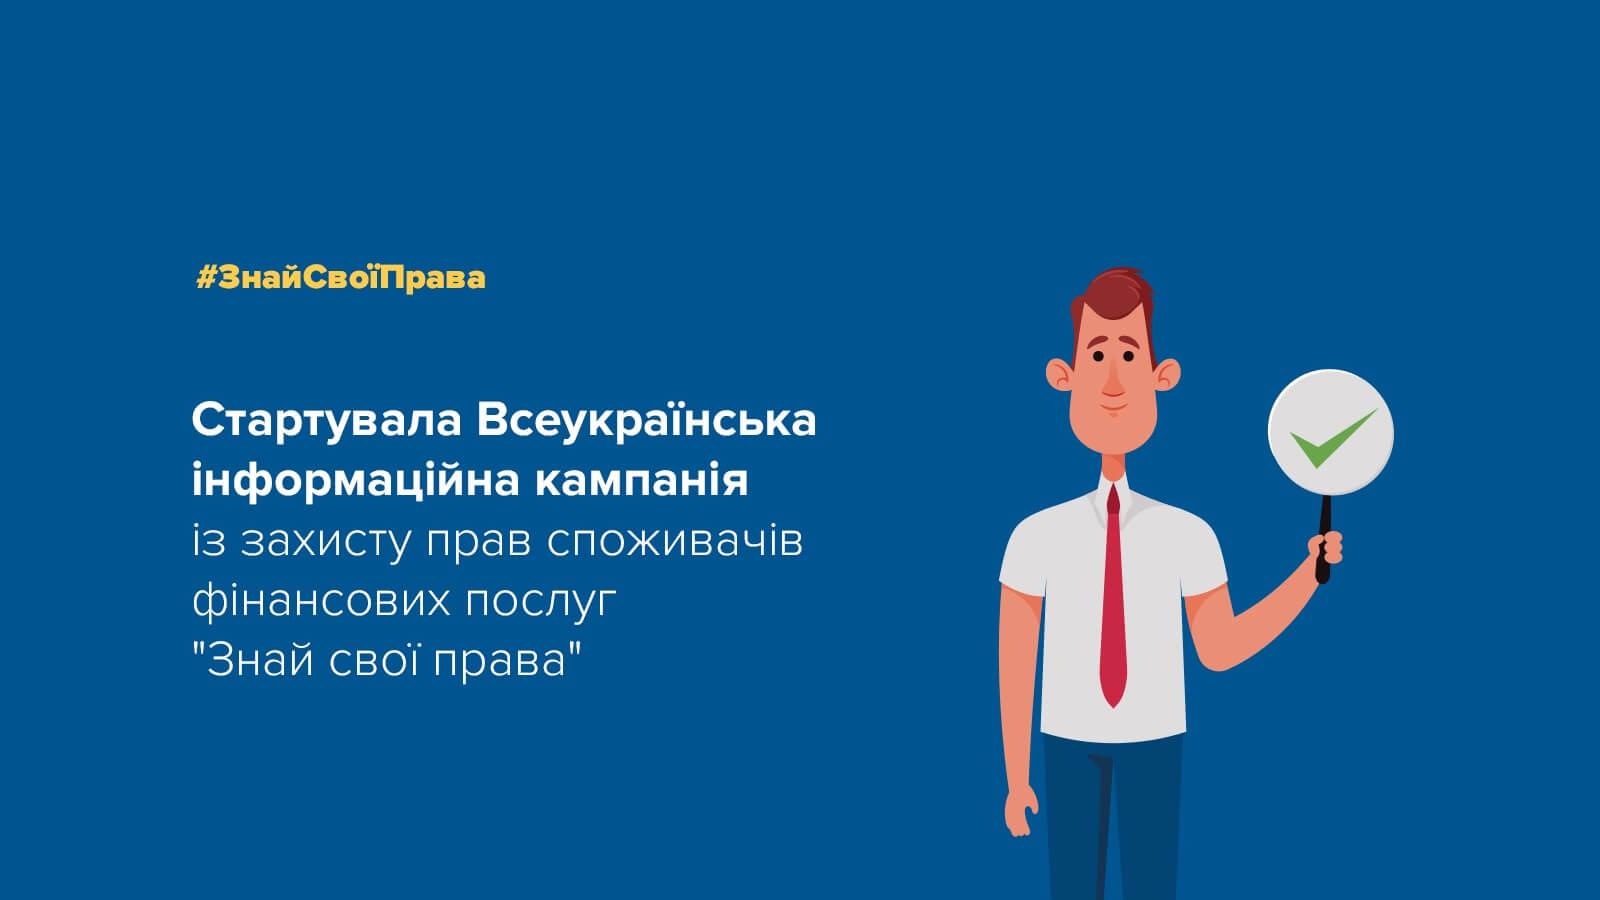 МТБ БАНК - партнер кампанії із захисту прав споживачів фінпослуг - фото - mtb.ua